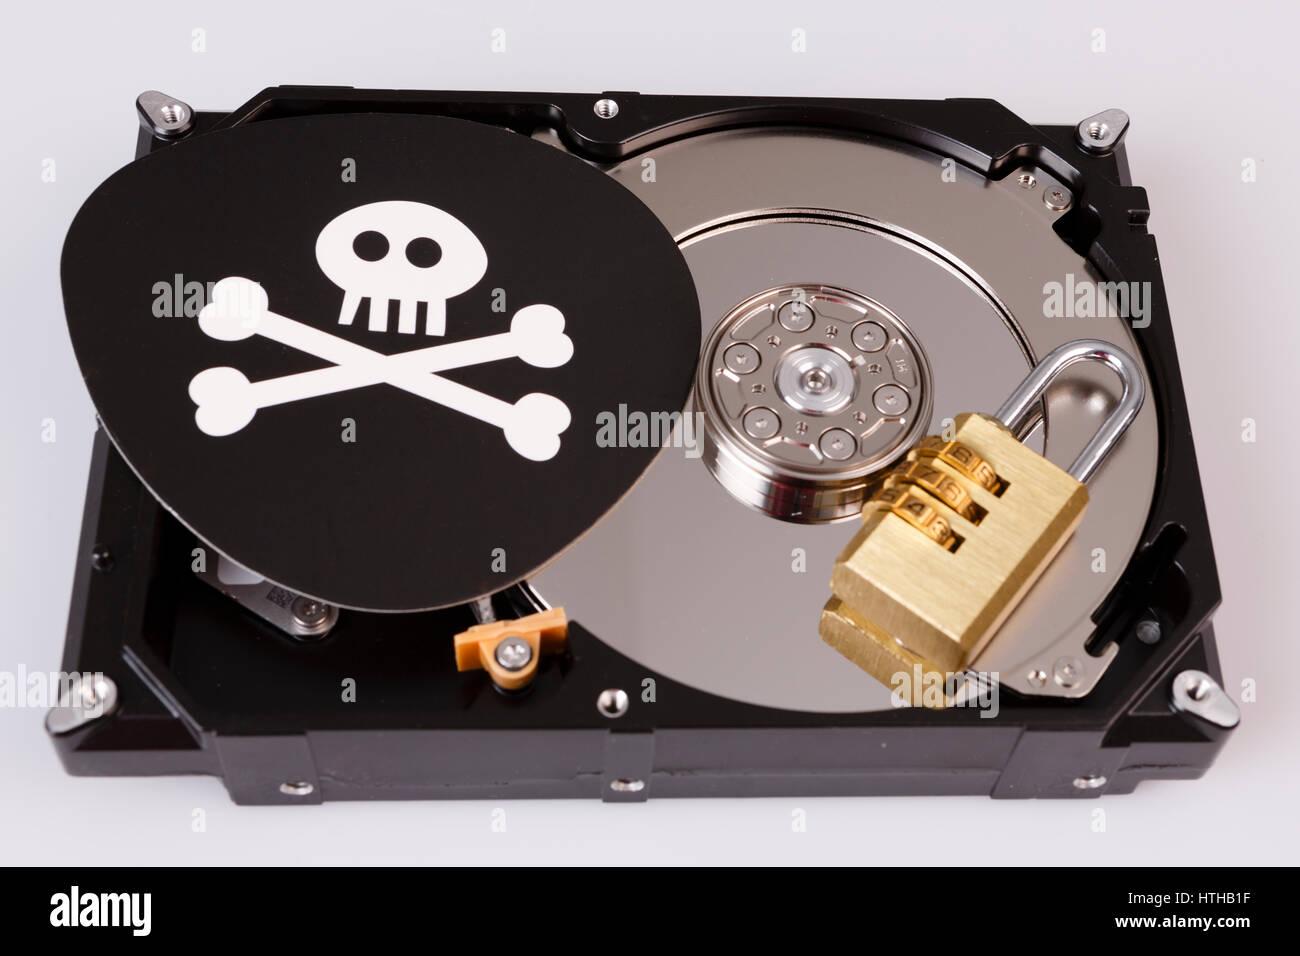 Totenkopf mit Knochen und Festplatte vom Computer, Ransomware Cyber Security-Konzept, Virus, Malware, Stockbild